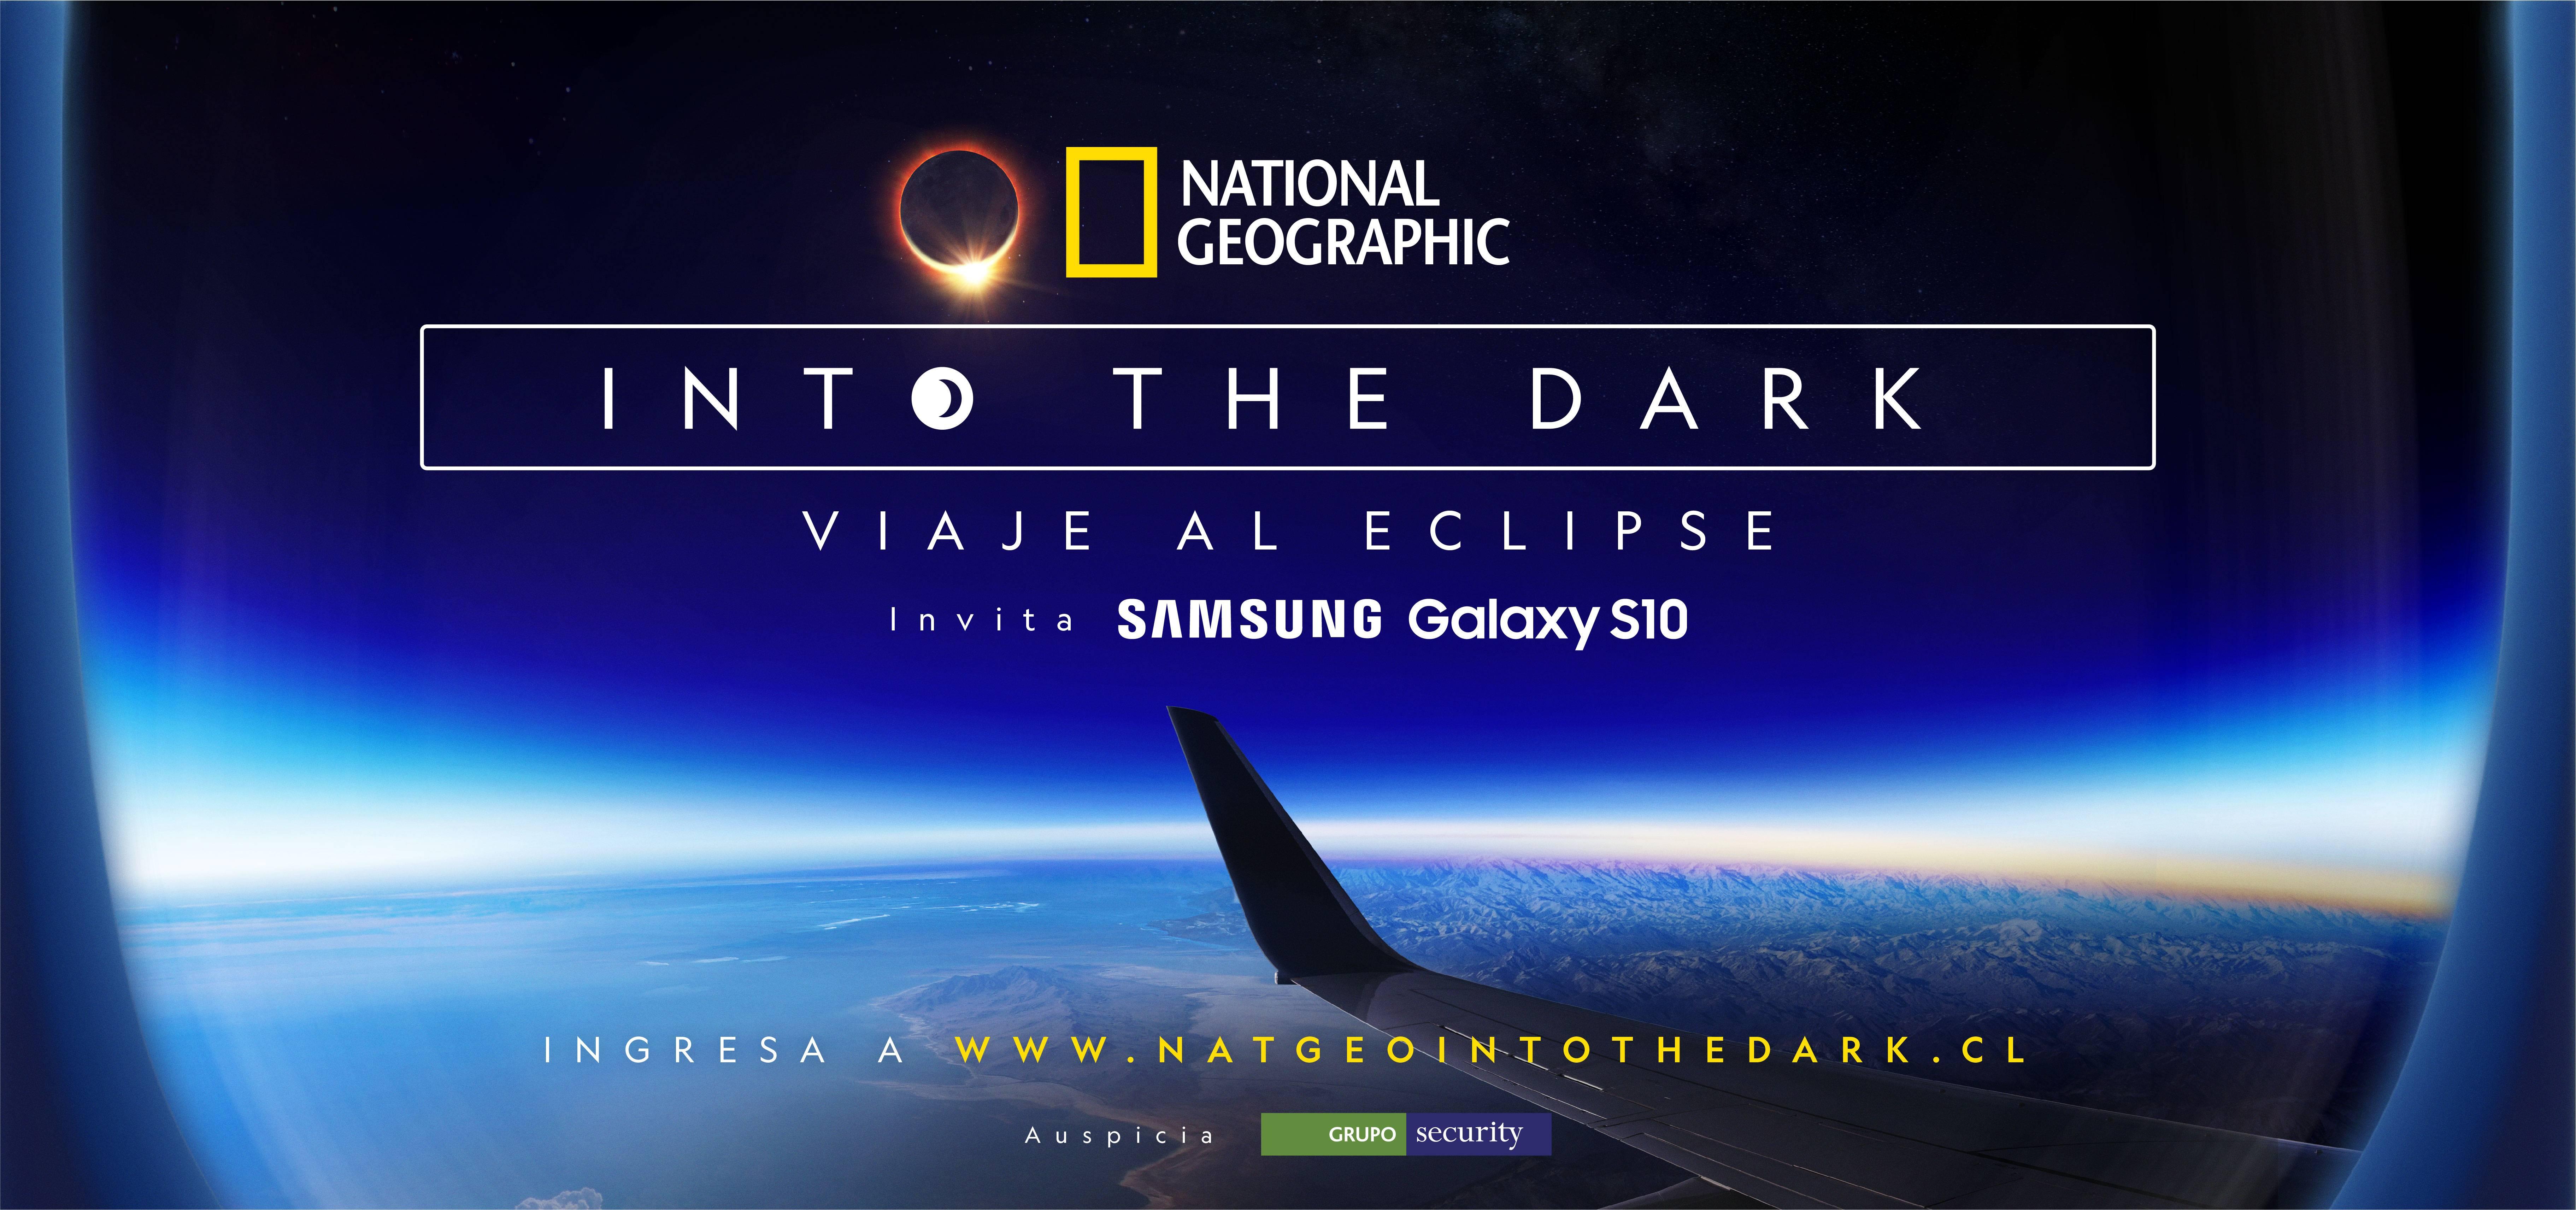 Marca de celulares te invita a fotografiar el eclipse solar desde un avión